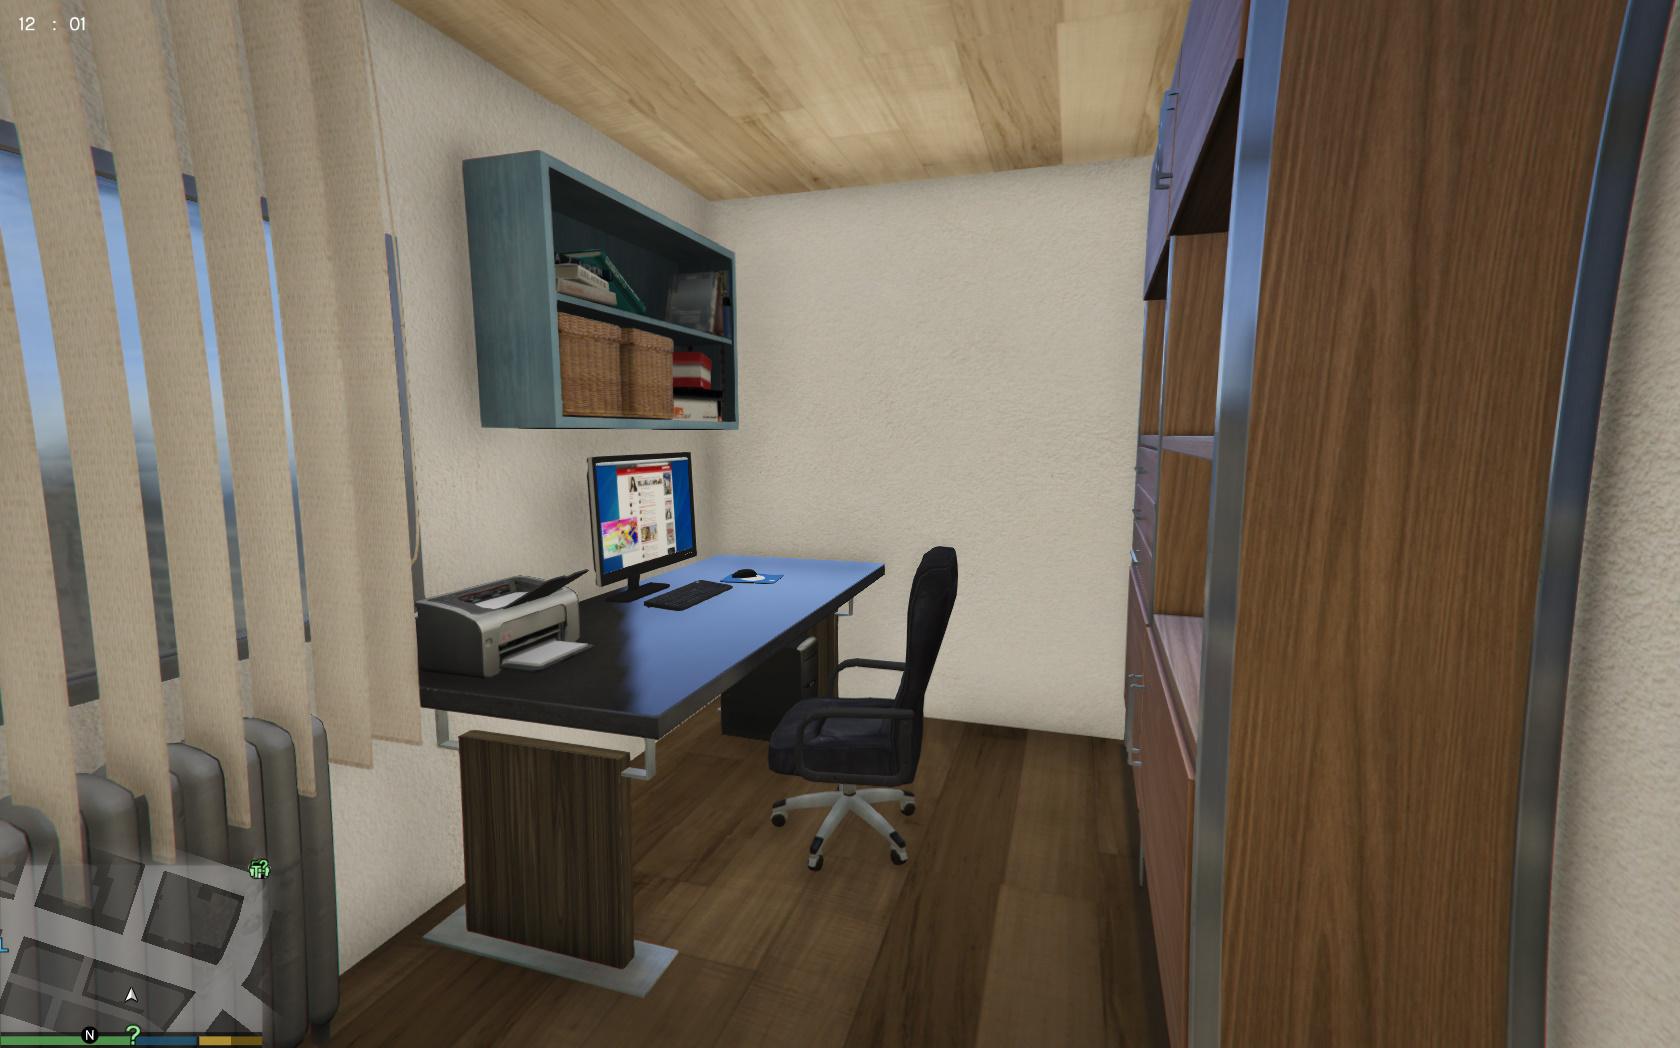 Small apartment Map editor - GTA5-Mods.com